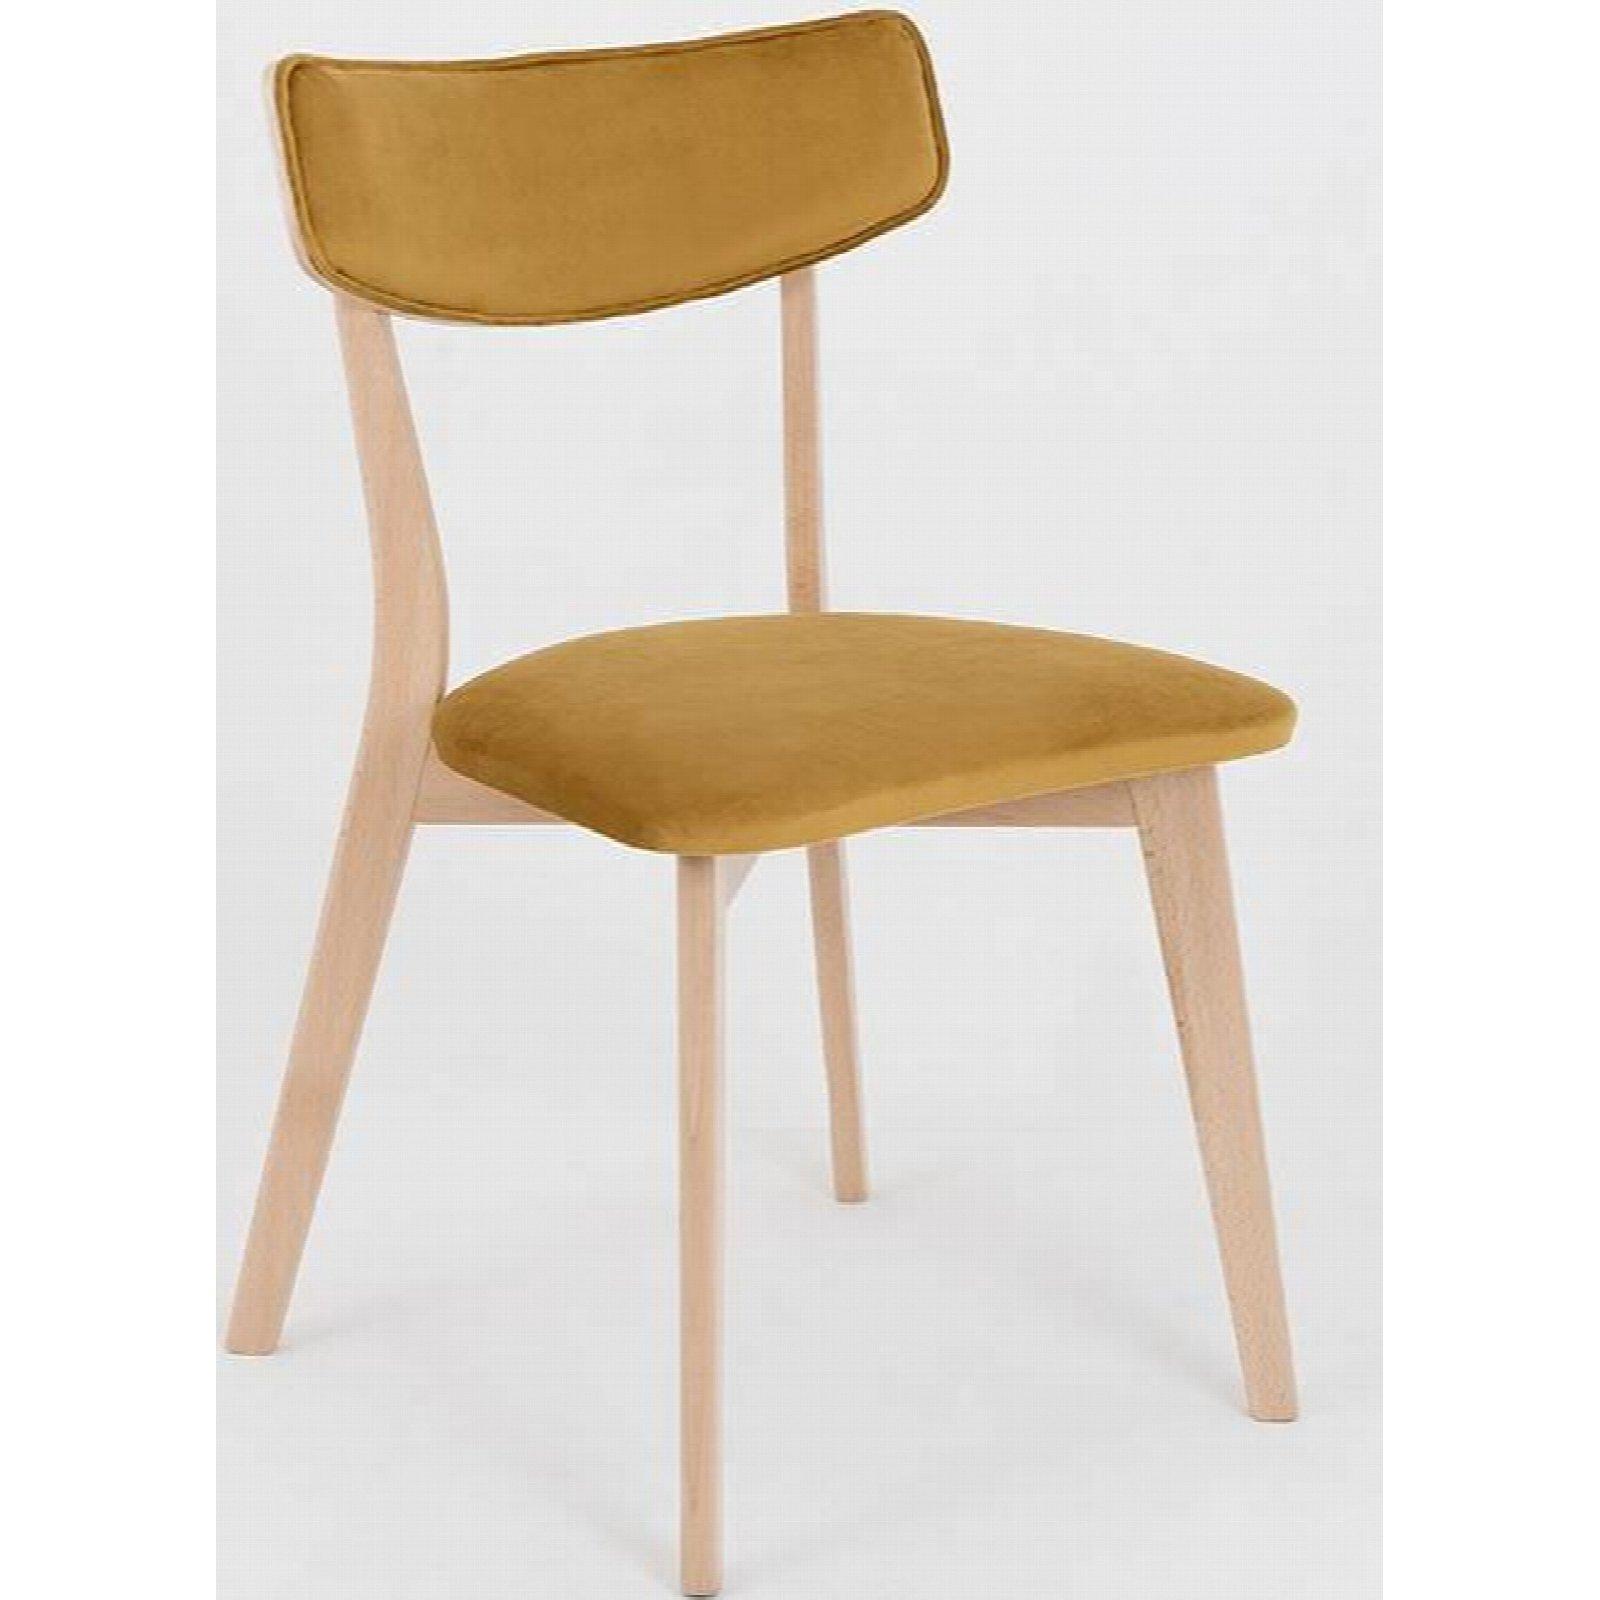 Chaise design tradition velours marron pieds bois clair